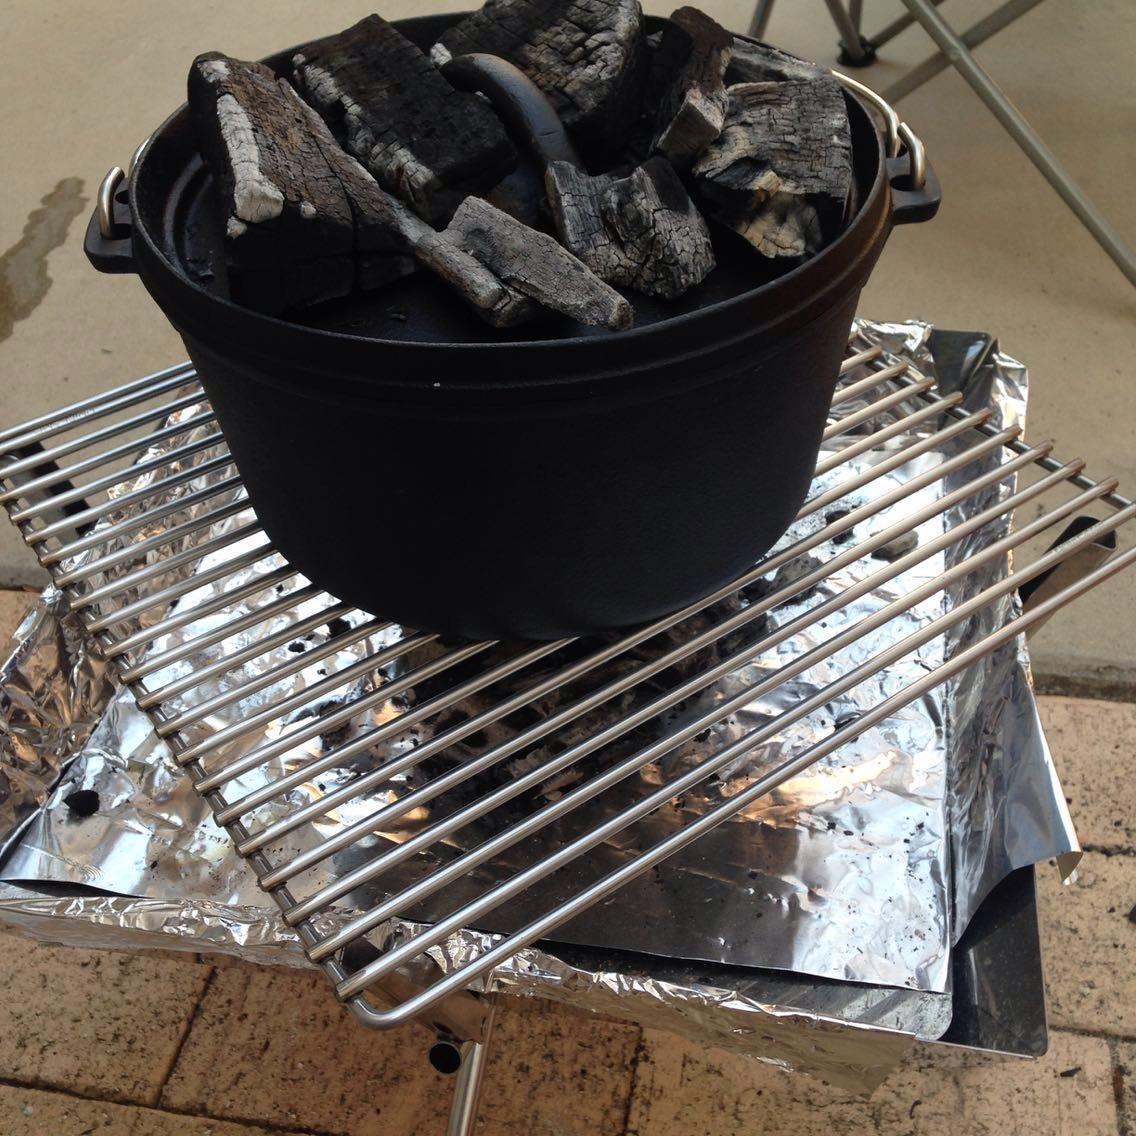 ダッチオーブンをUNIFLAMEのグリルで使うためのロストル(鉄製の網)が便利!